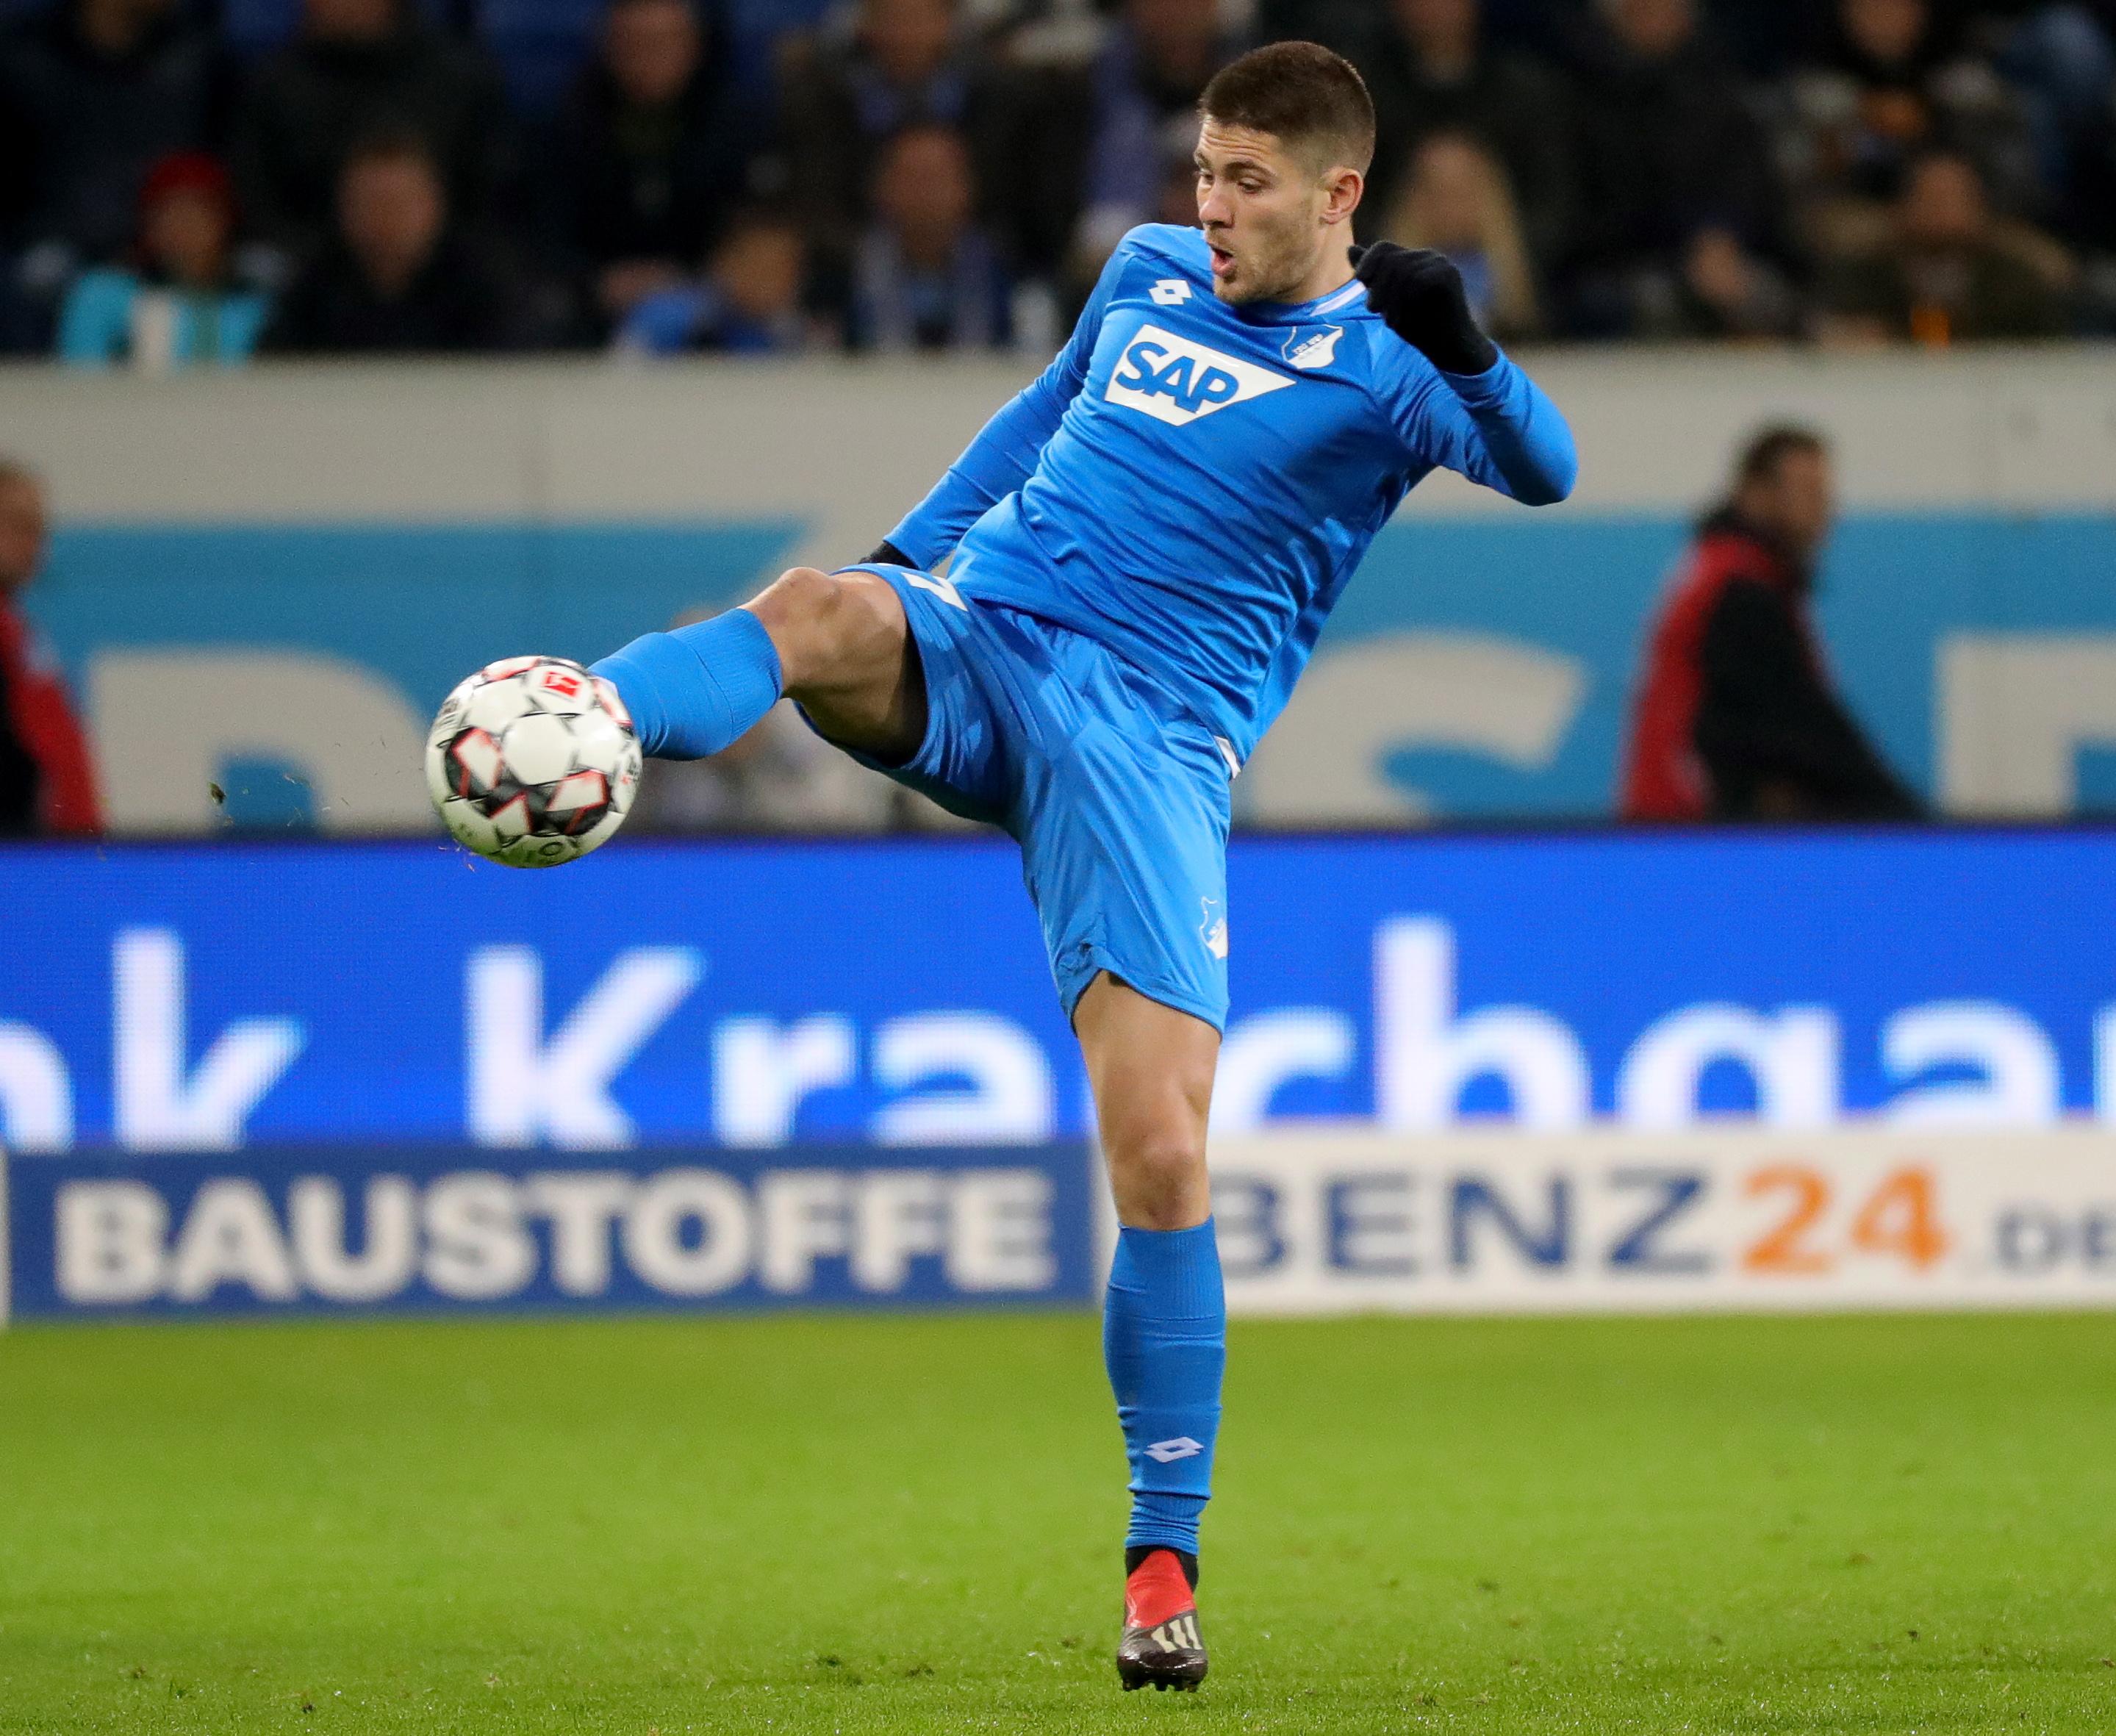 Pobjede Bayerna i Borussie, Kramarić opet strijelac